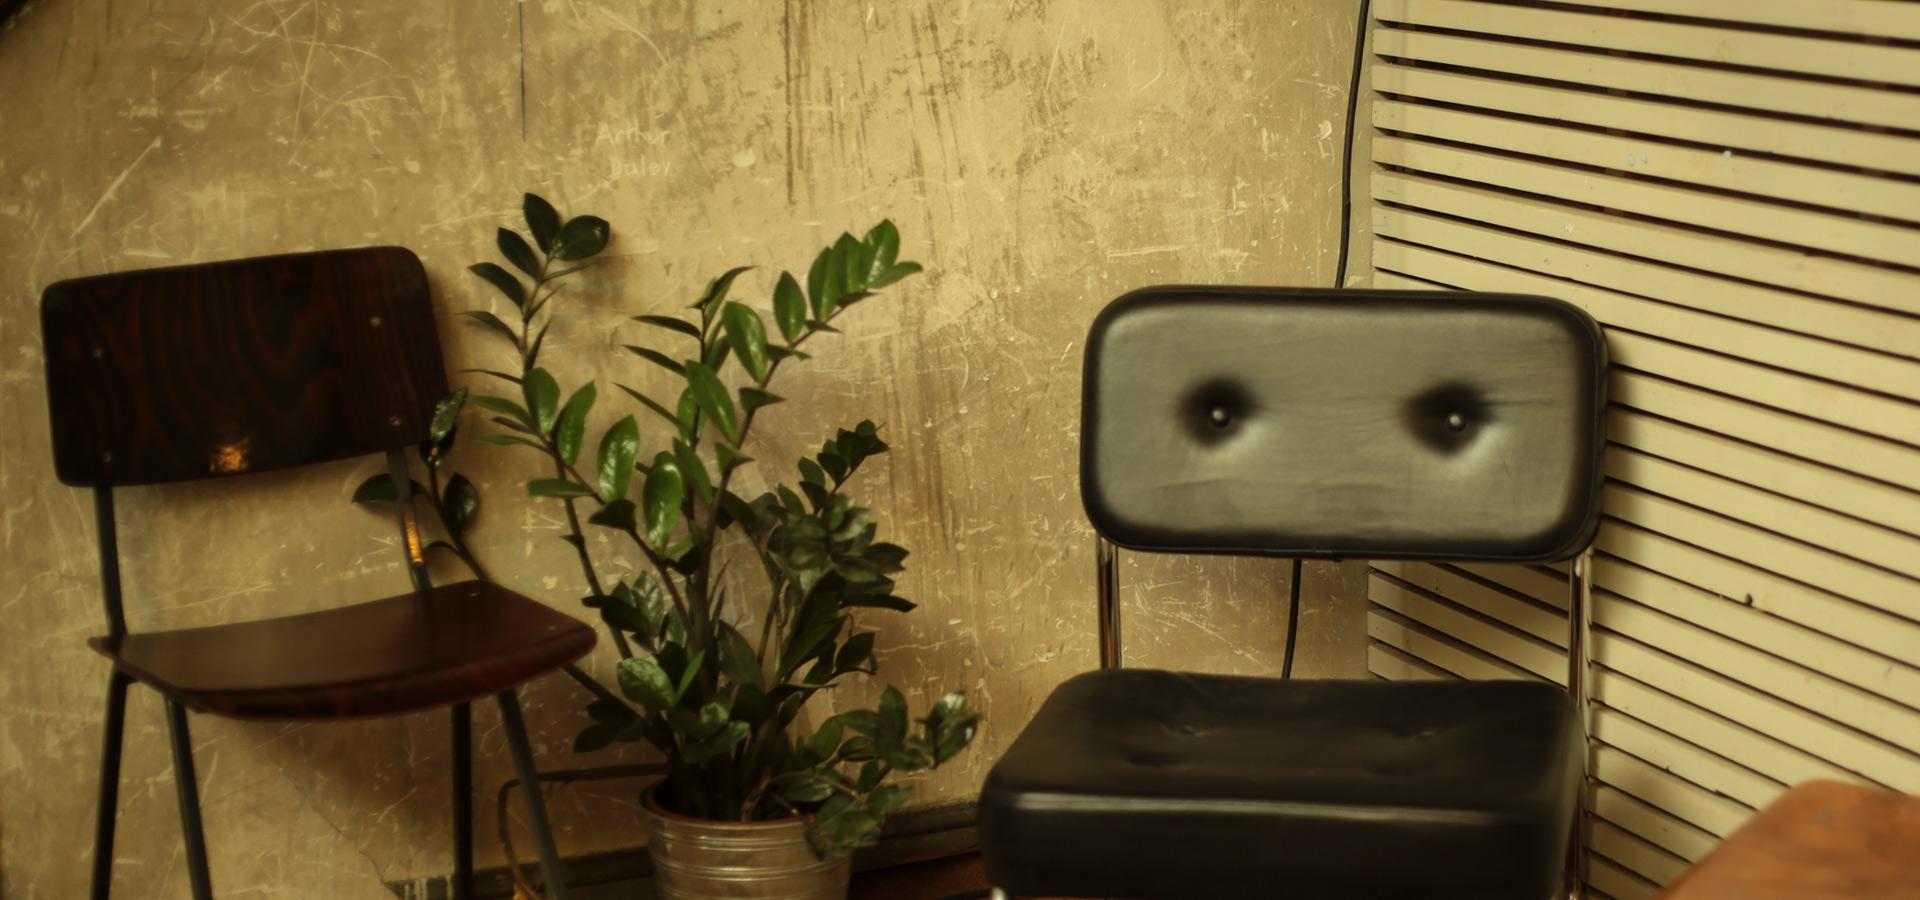 farbkonzept wohnung tipps bonava. Black Bedroom Furniture Sets. Home Design Ideas